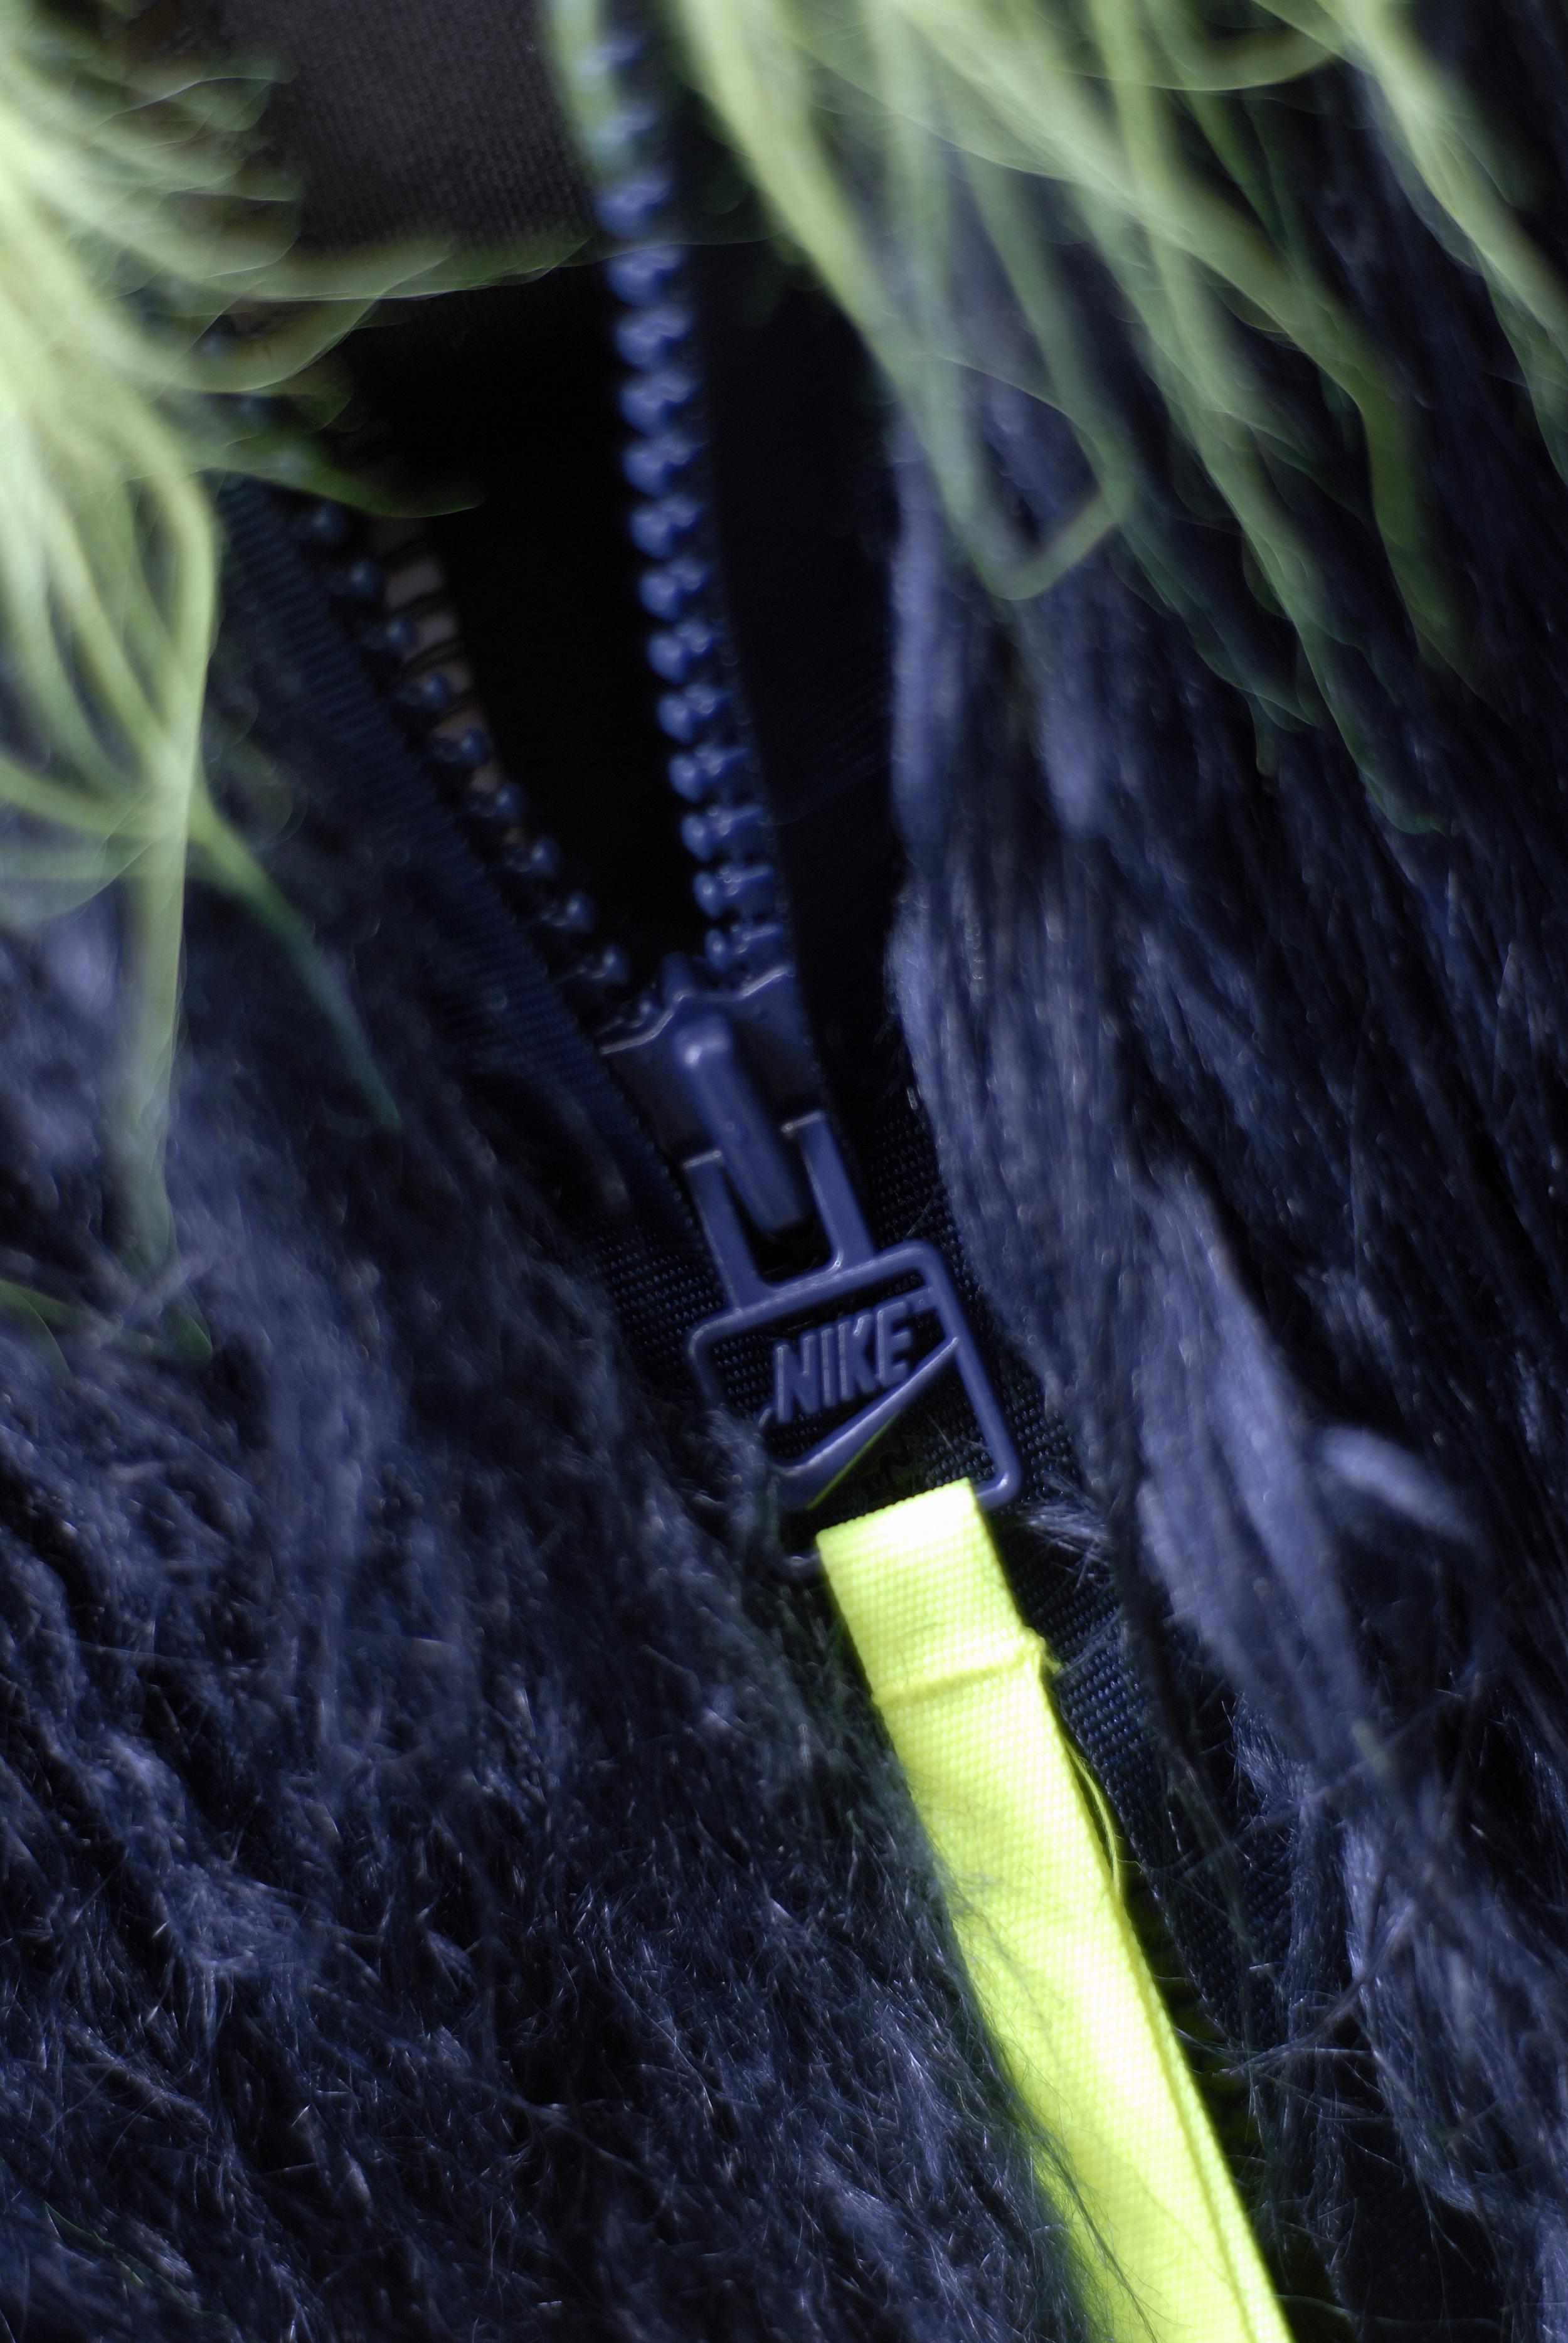 meganannwilson-shegotgame-shegotstyle-nikelab-sacai-windrunner-nike-sportswear-fur9.JPG